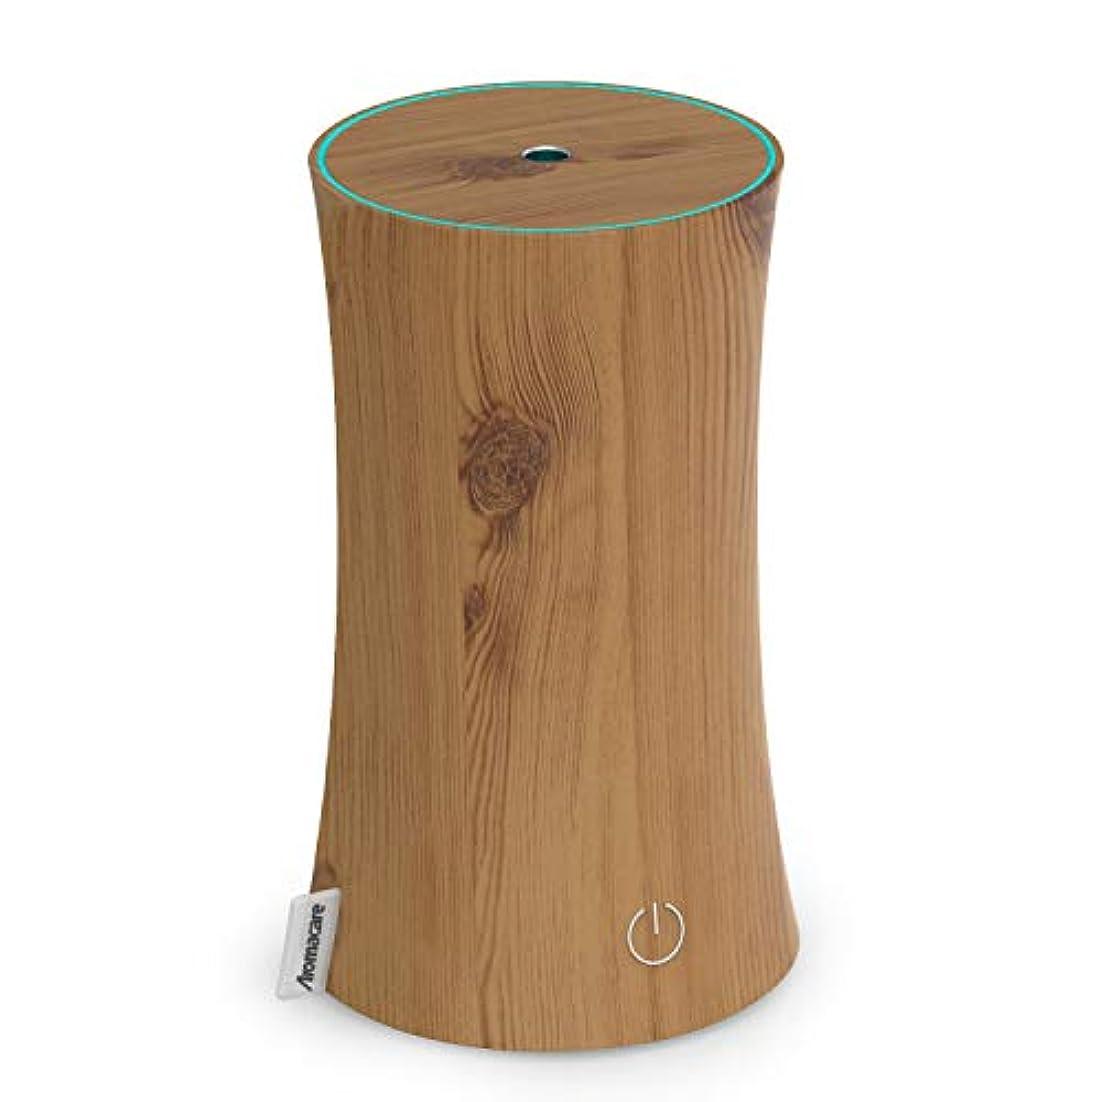 拘束するマザーランド機械アロマディフューザー 卓上加湿器 センサー付き 超音波式 空焚き防止 低騒音 300ml 連続運転 各場所用 省エネ 木目調 木の色